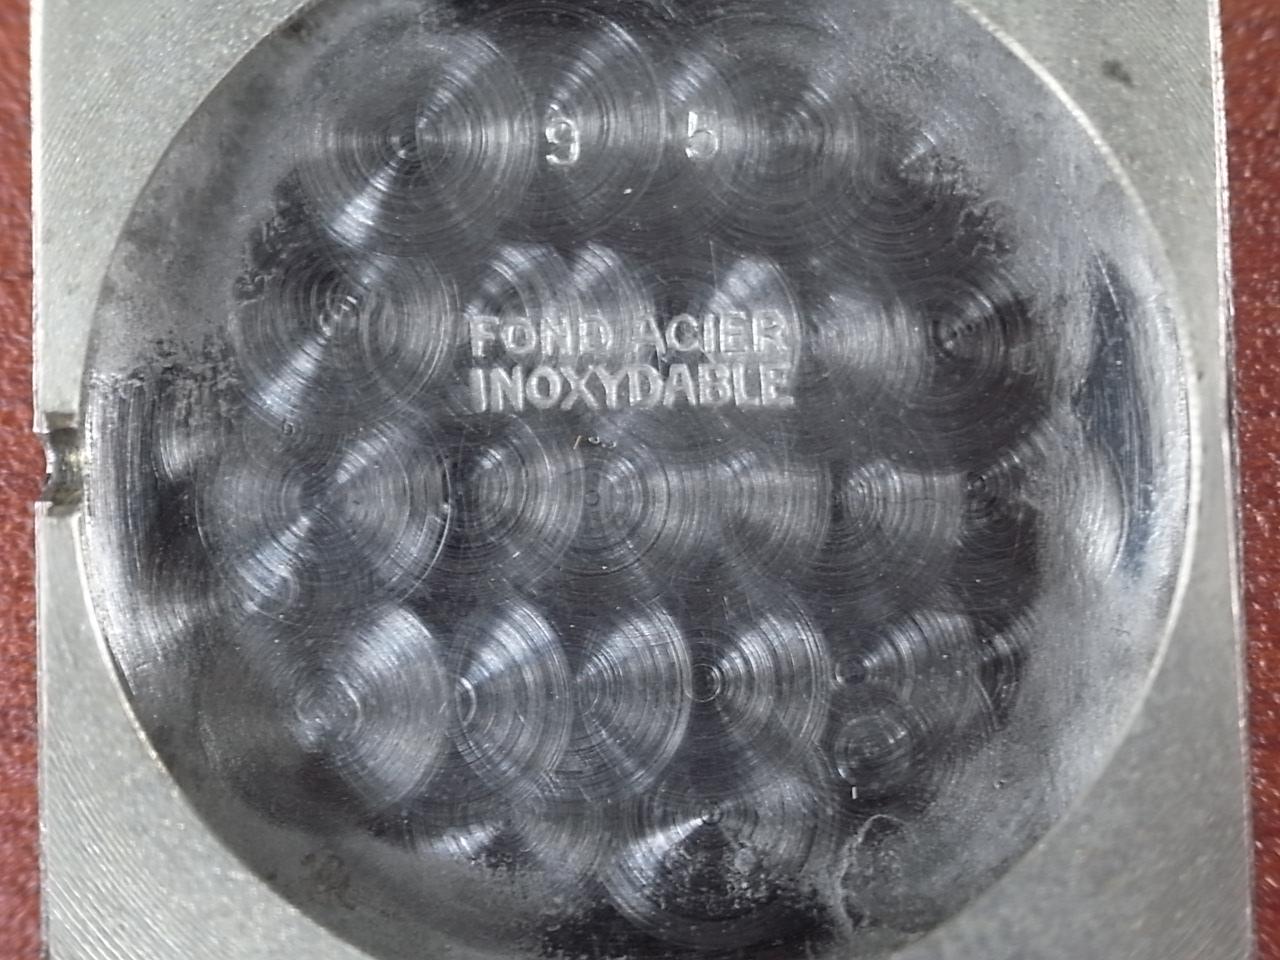 セルティナ スクエアケース 未使用品 ブラックミラーダイアル 1940年代の写真6枚目